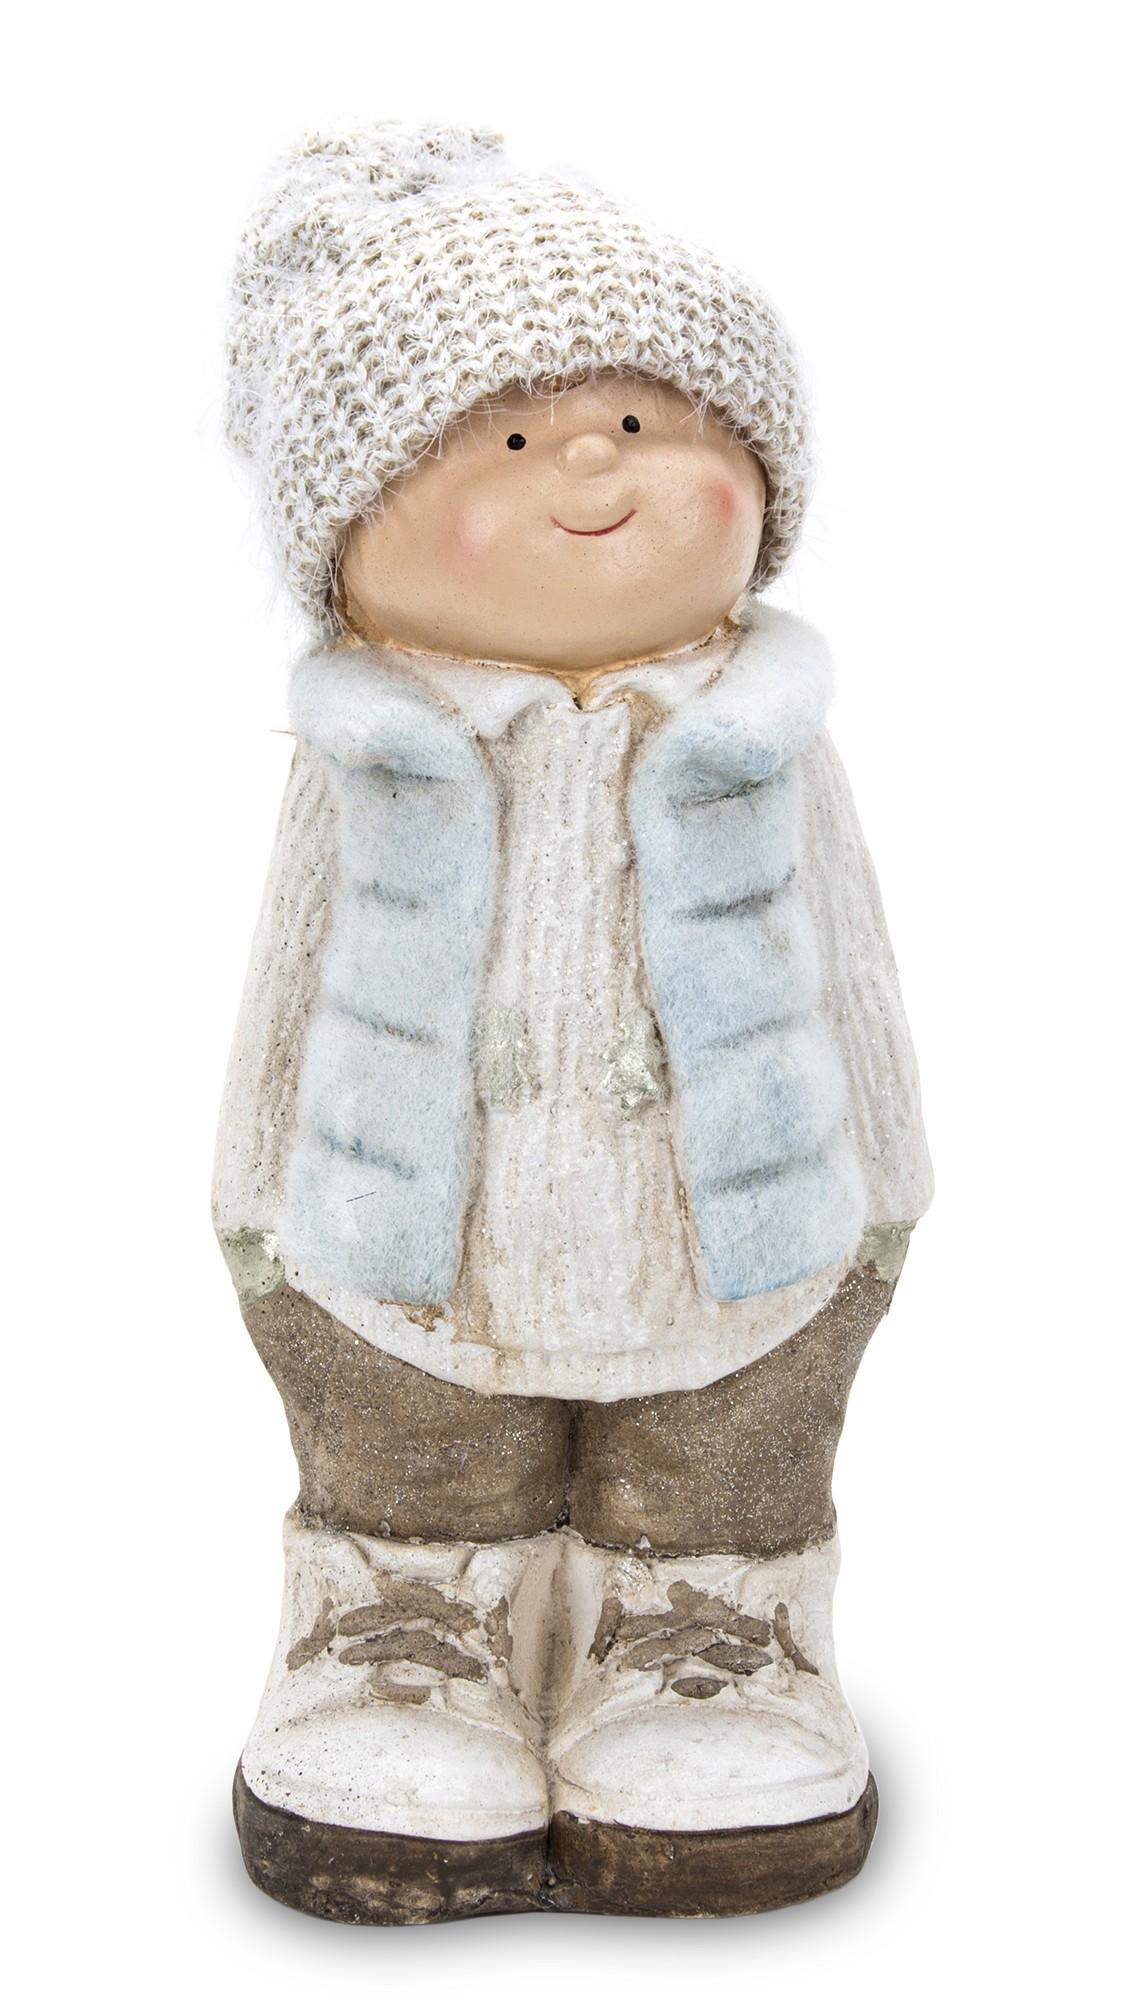 Фигурка новогоднего мальчика в зимнем наряде 33,5